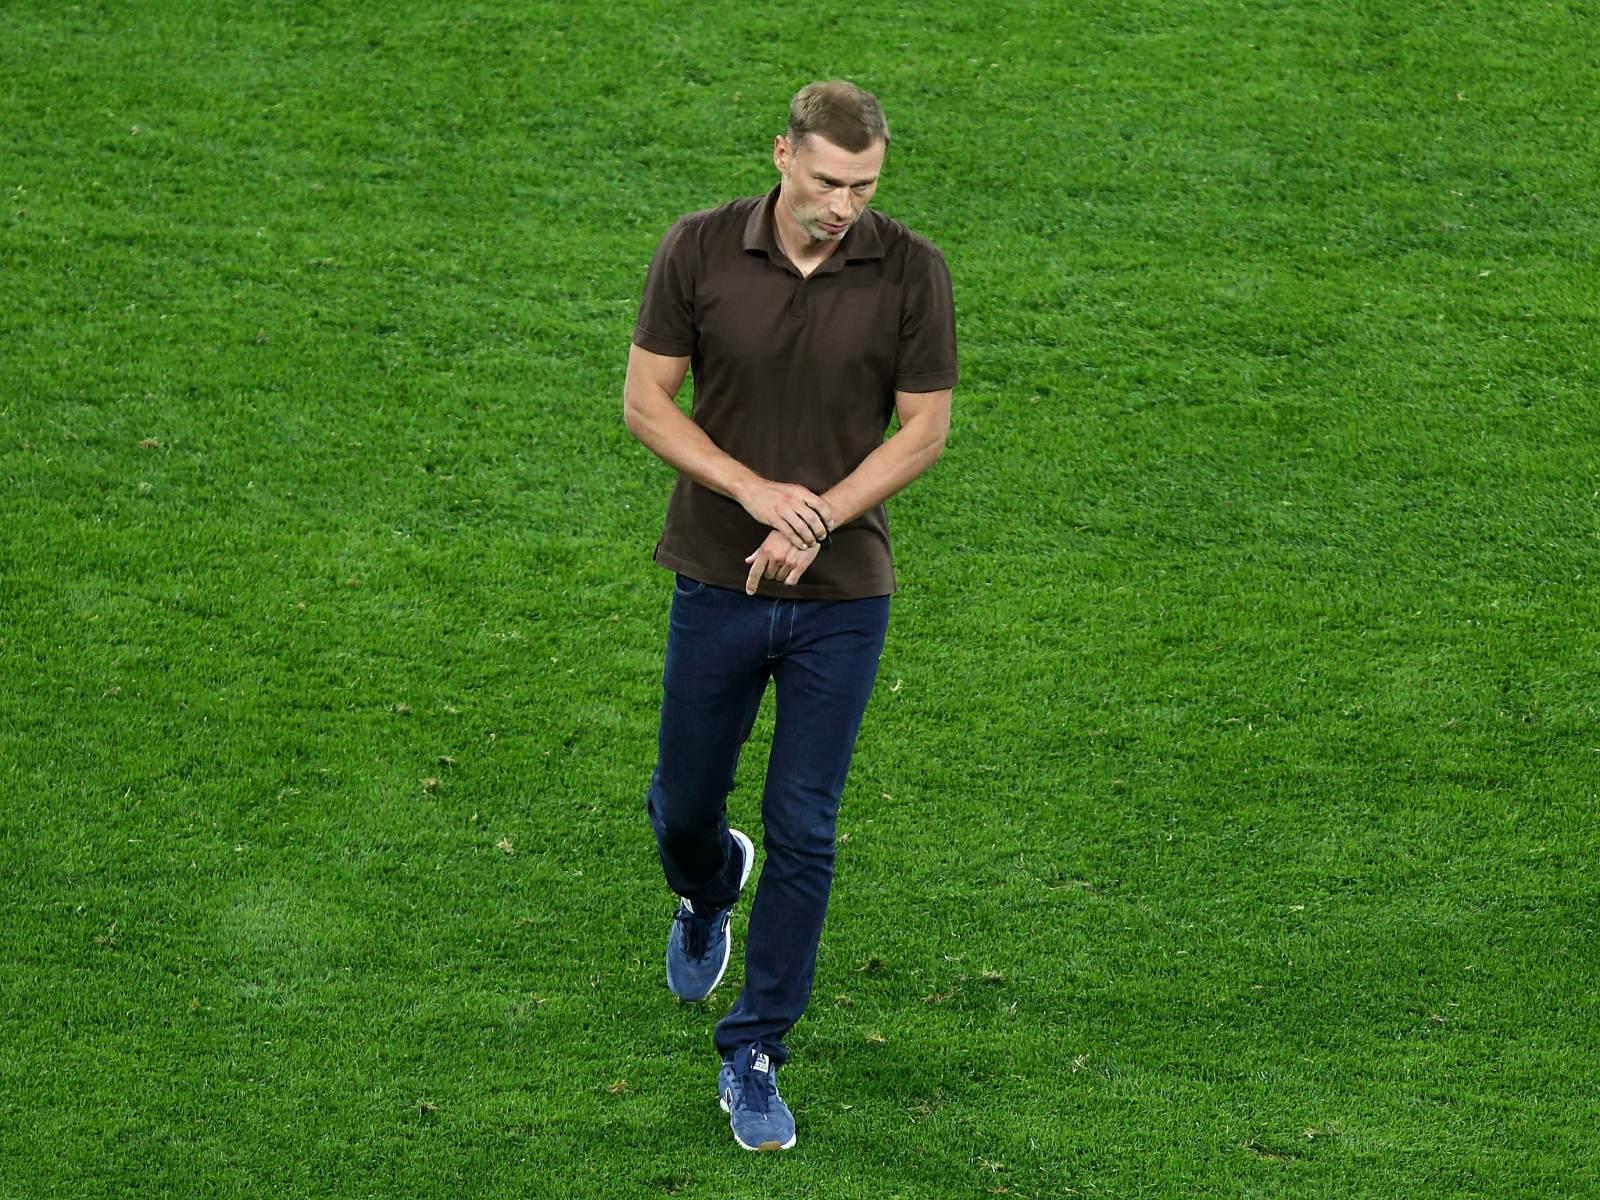 Березуцкий остался доволен игрой ЦСКА в гостевом матче с «Нижним Новгородом»